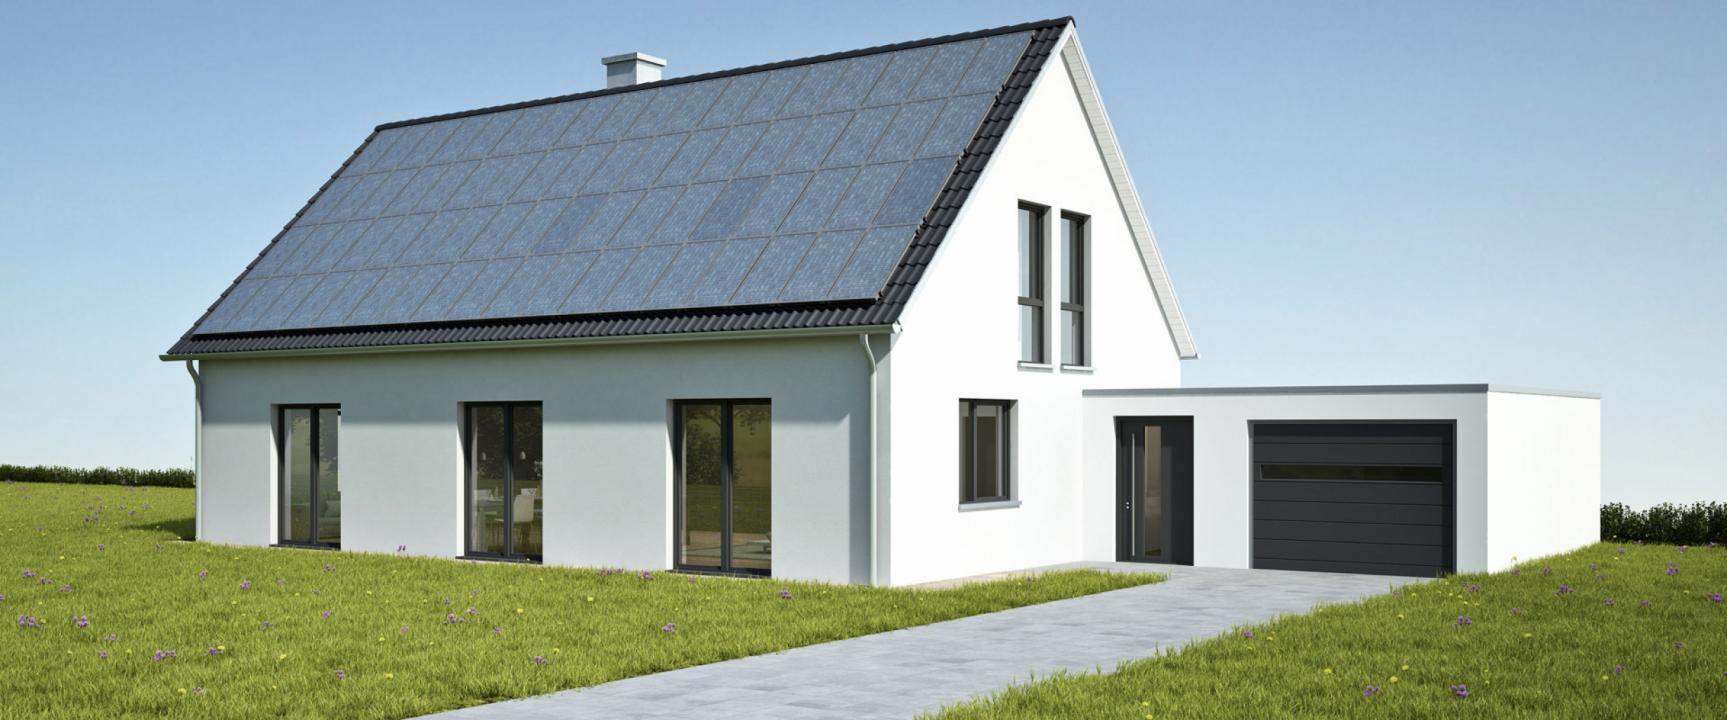 Acheter Une Maison Avec Combles Amenages 221820005804 L 191320212705/ Gamme Cottage